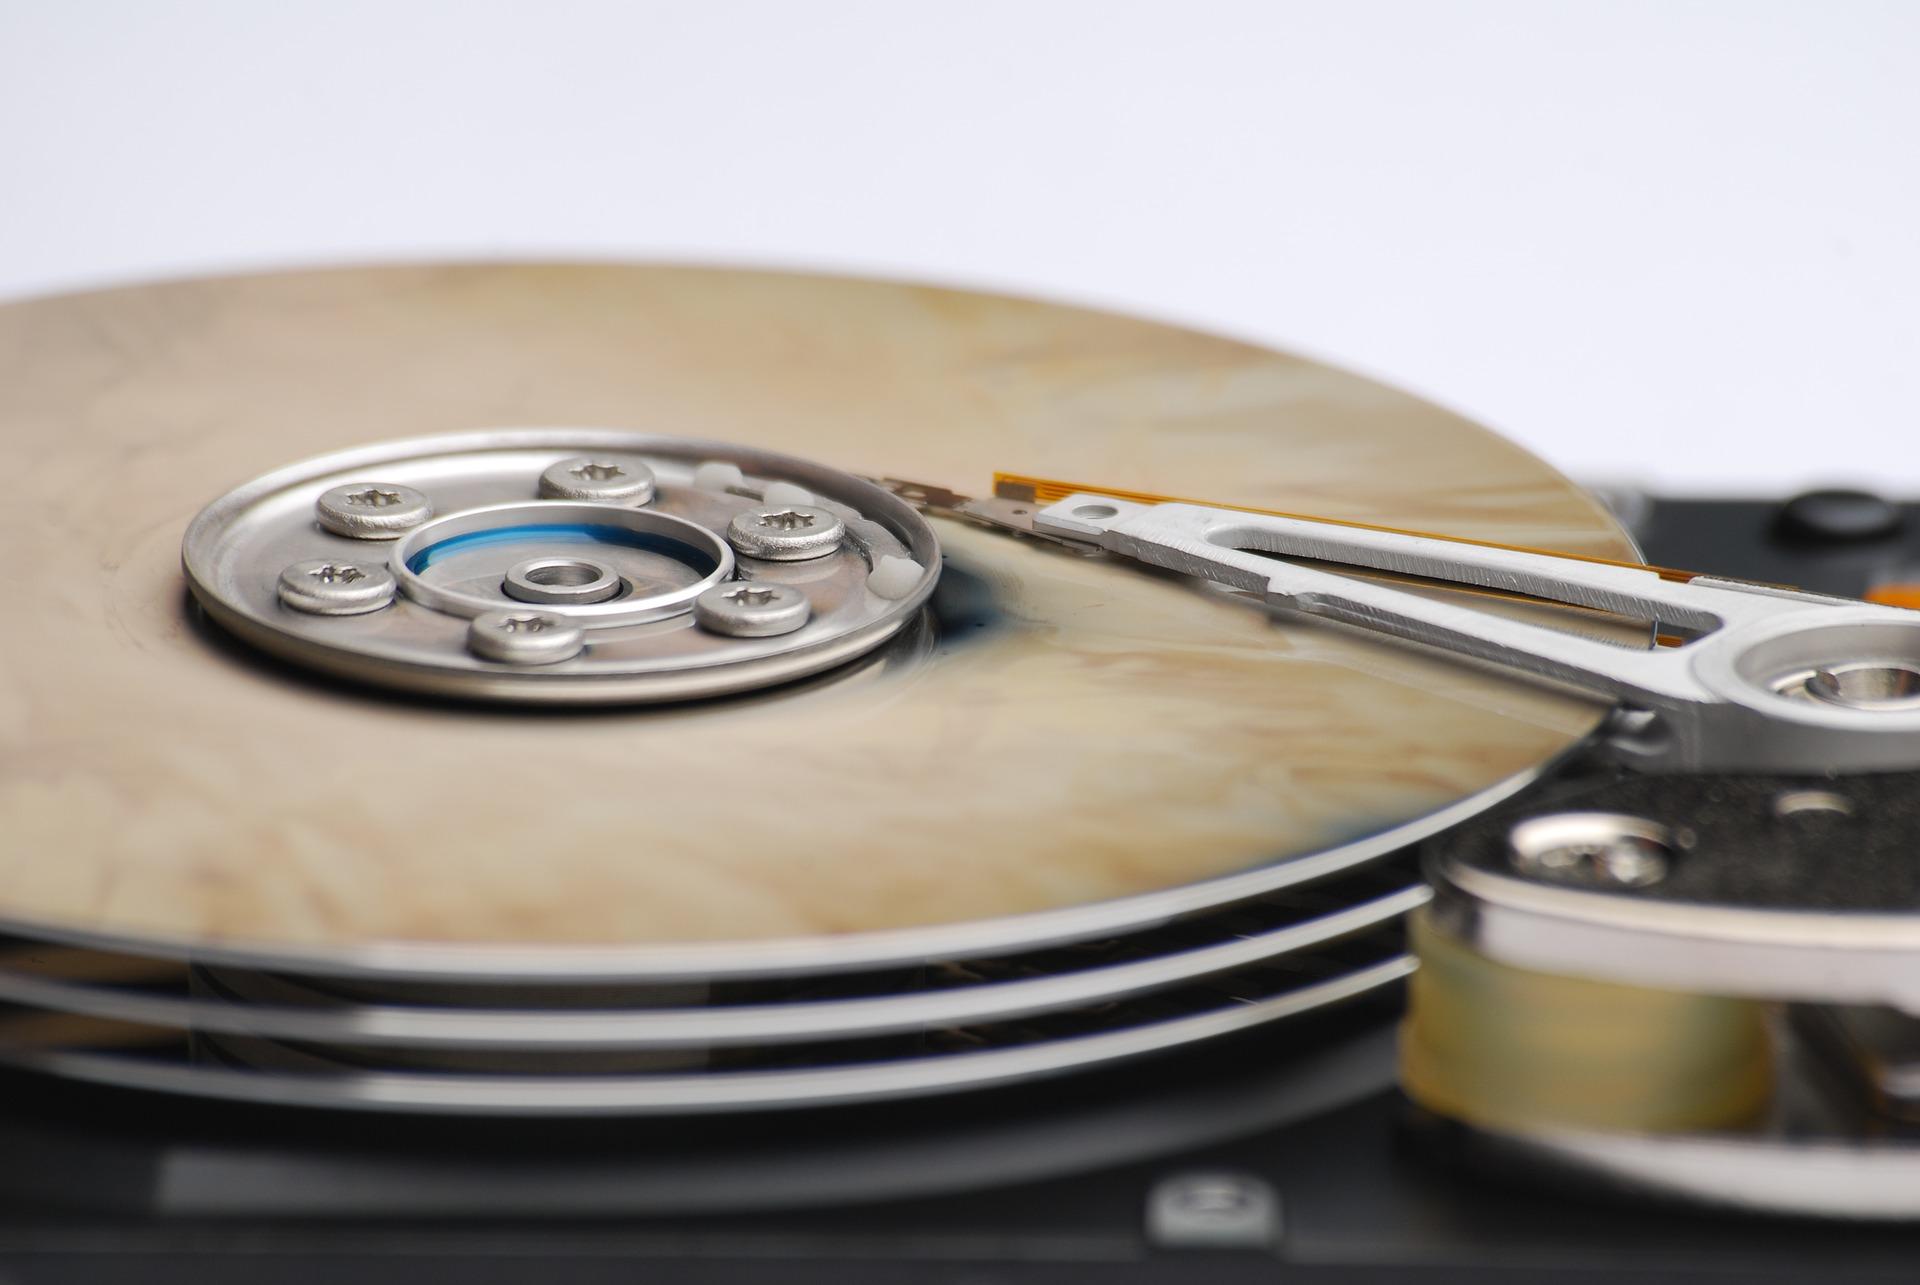 Wir garantieren eine schnelle und zuverlässige Datenrettung Ihrer Festplatte in Berlin und ganz Deutschland